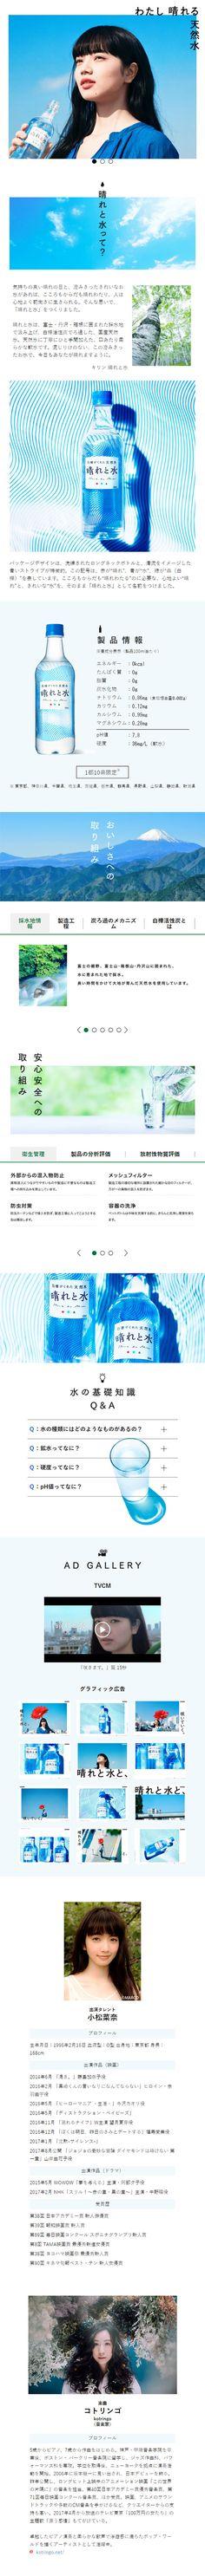 キリン 晴れと水|WEBデザイナーさん必見!スマホランディングページのデザイン参考に(シンプル系)